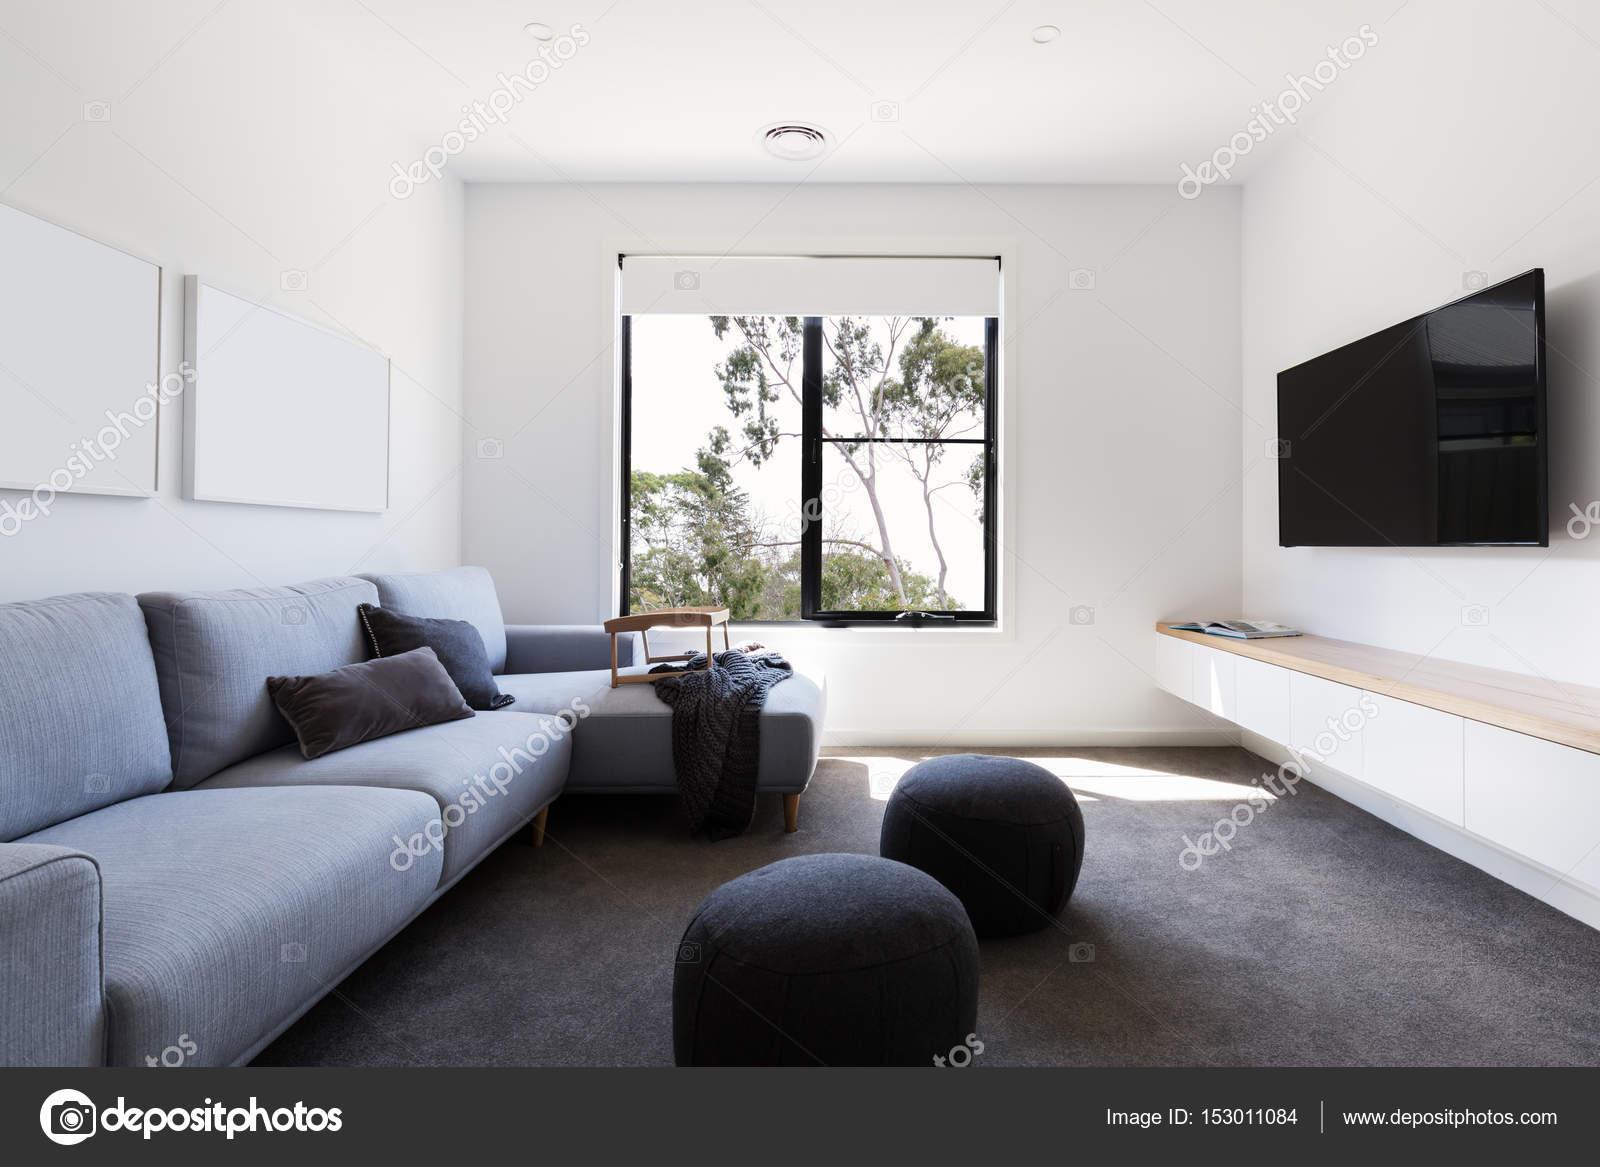 Moderne TV-Wohnzimmer — Stockfoto © jodiejohnson #153011084